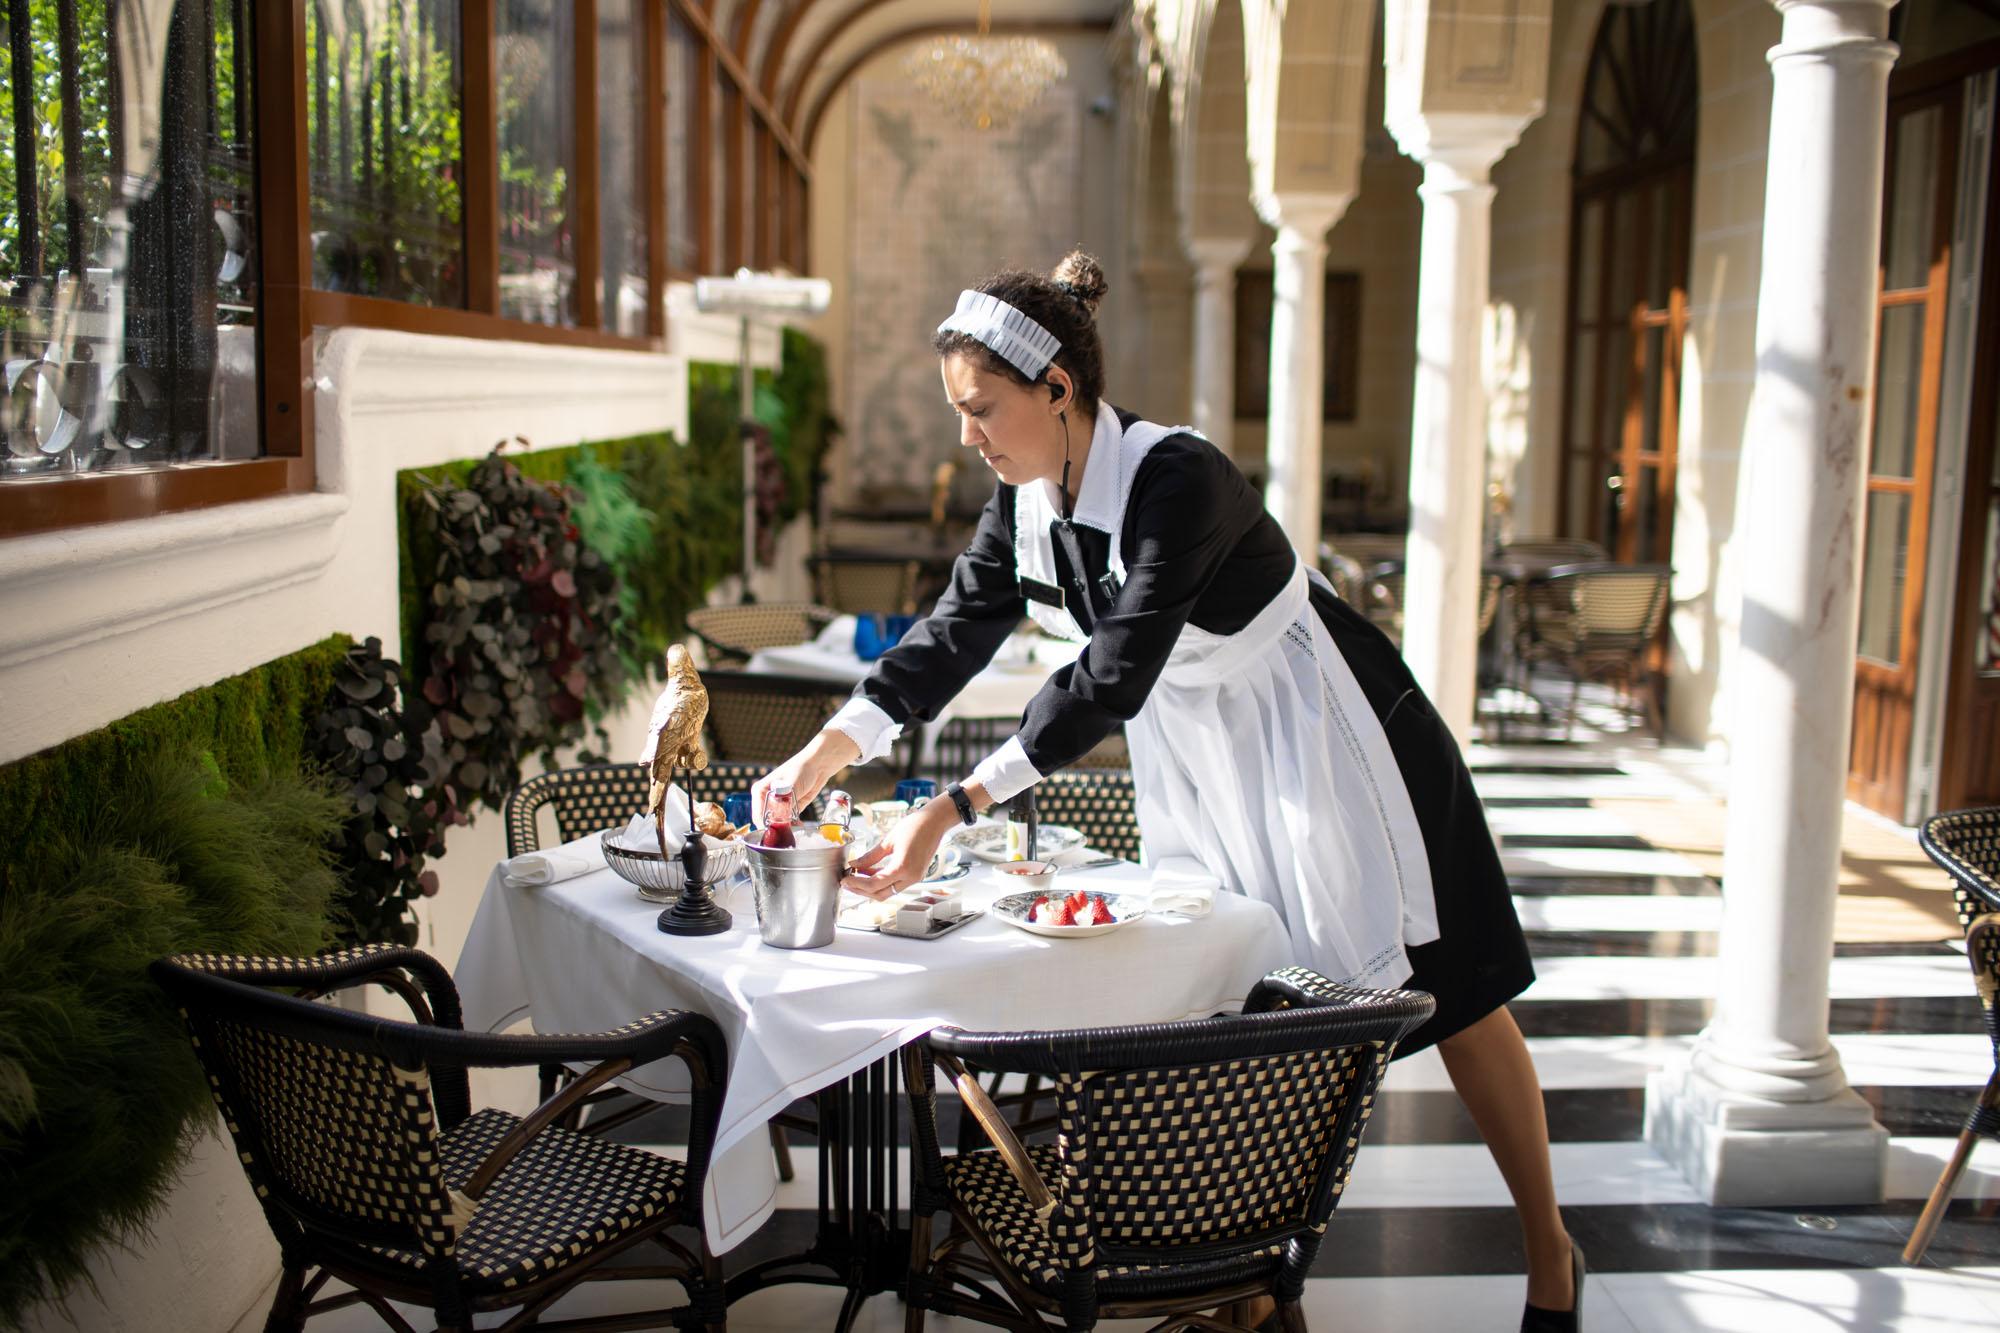 El desayuno es continental y se sirve en mesa.